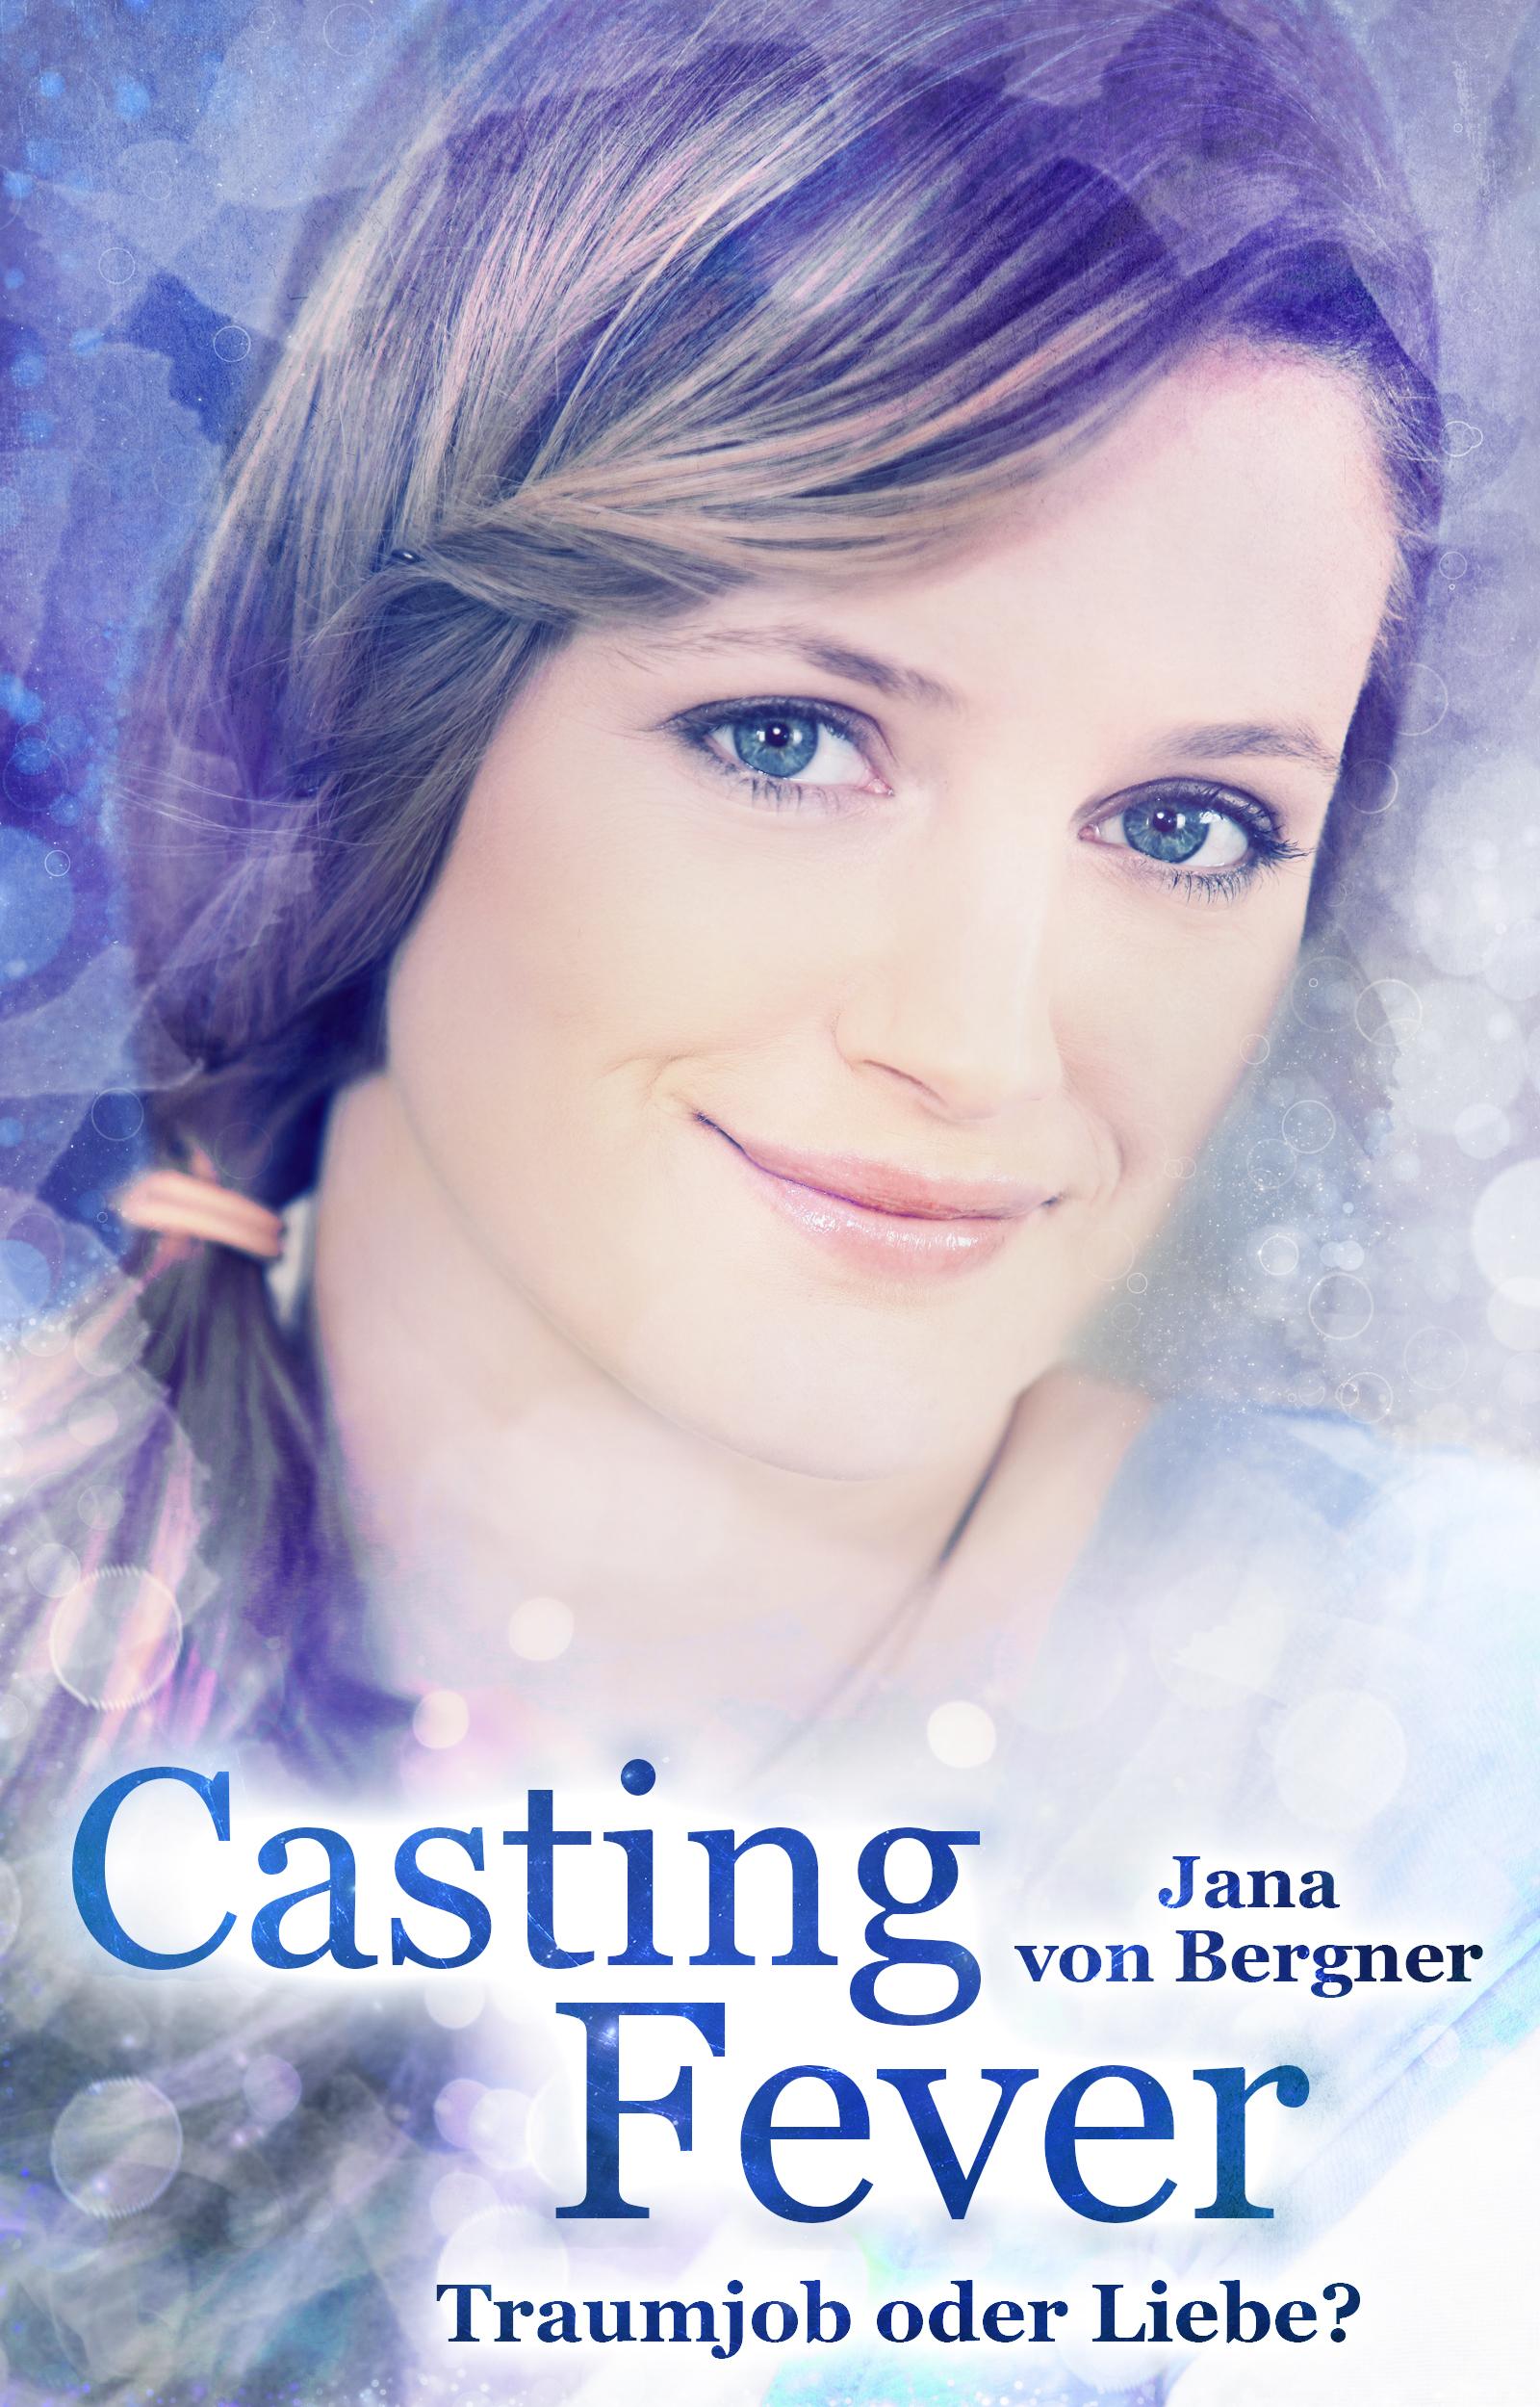 Casting Fever: Traumjob oder Liebe?